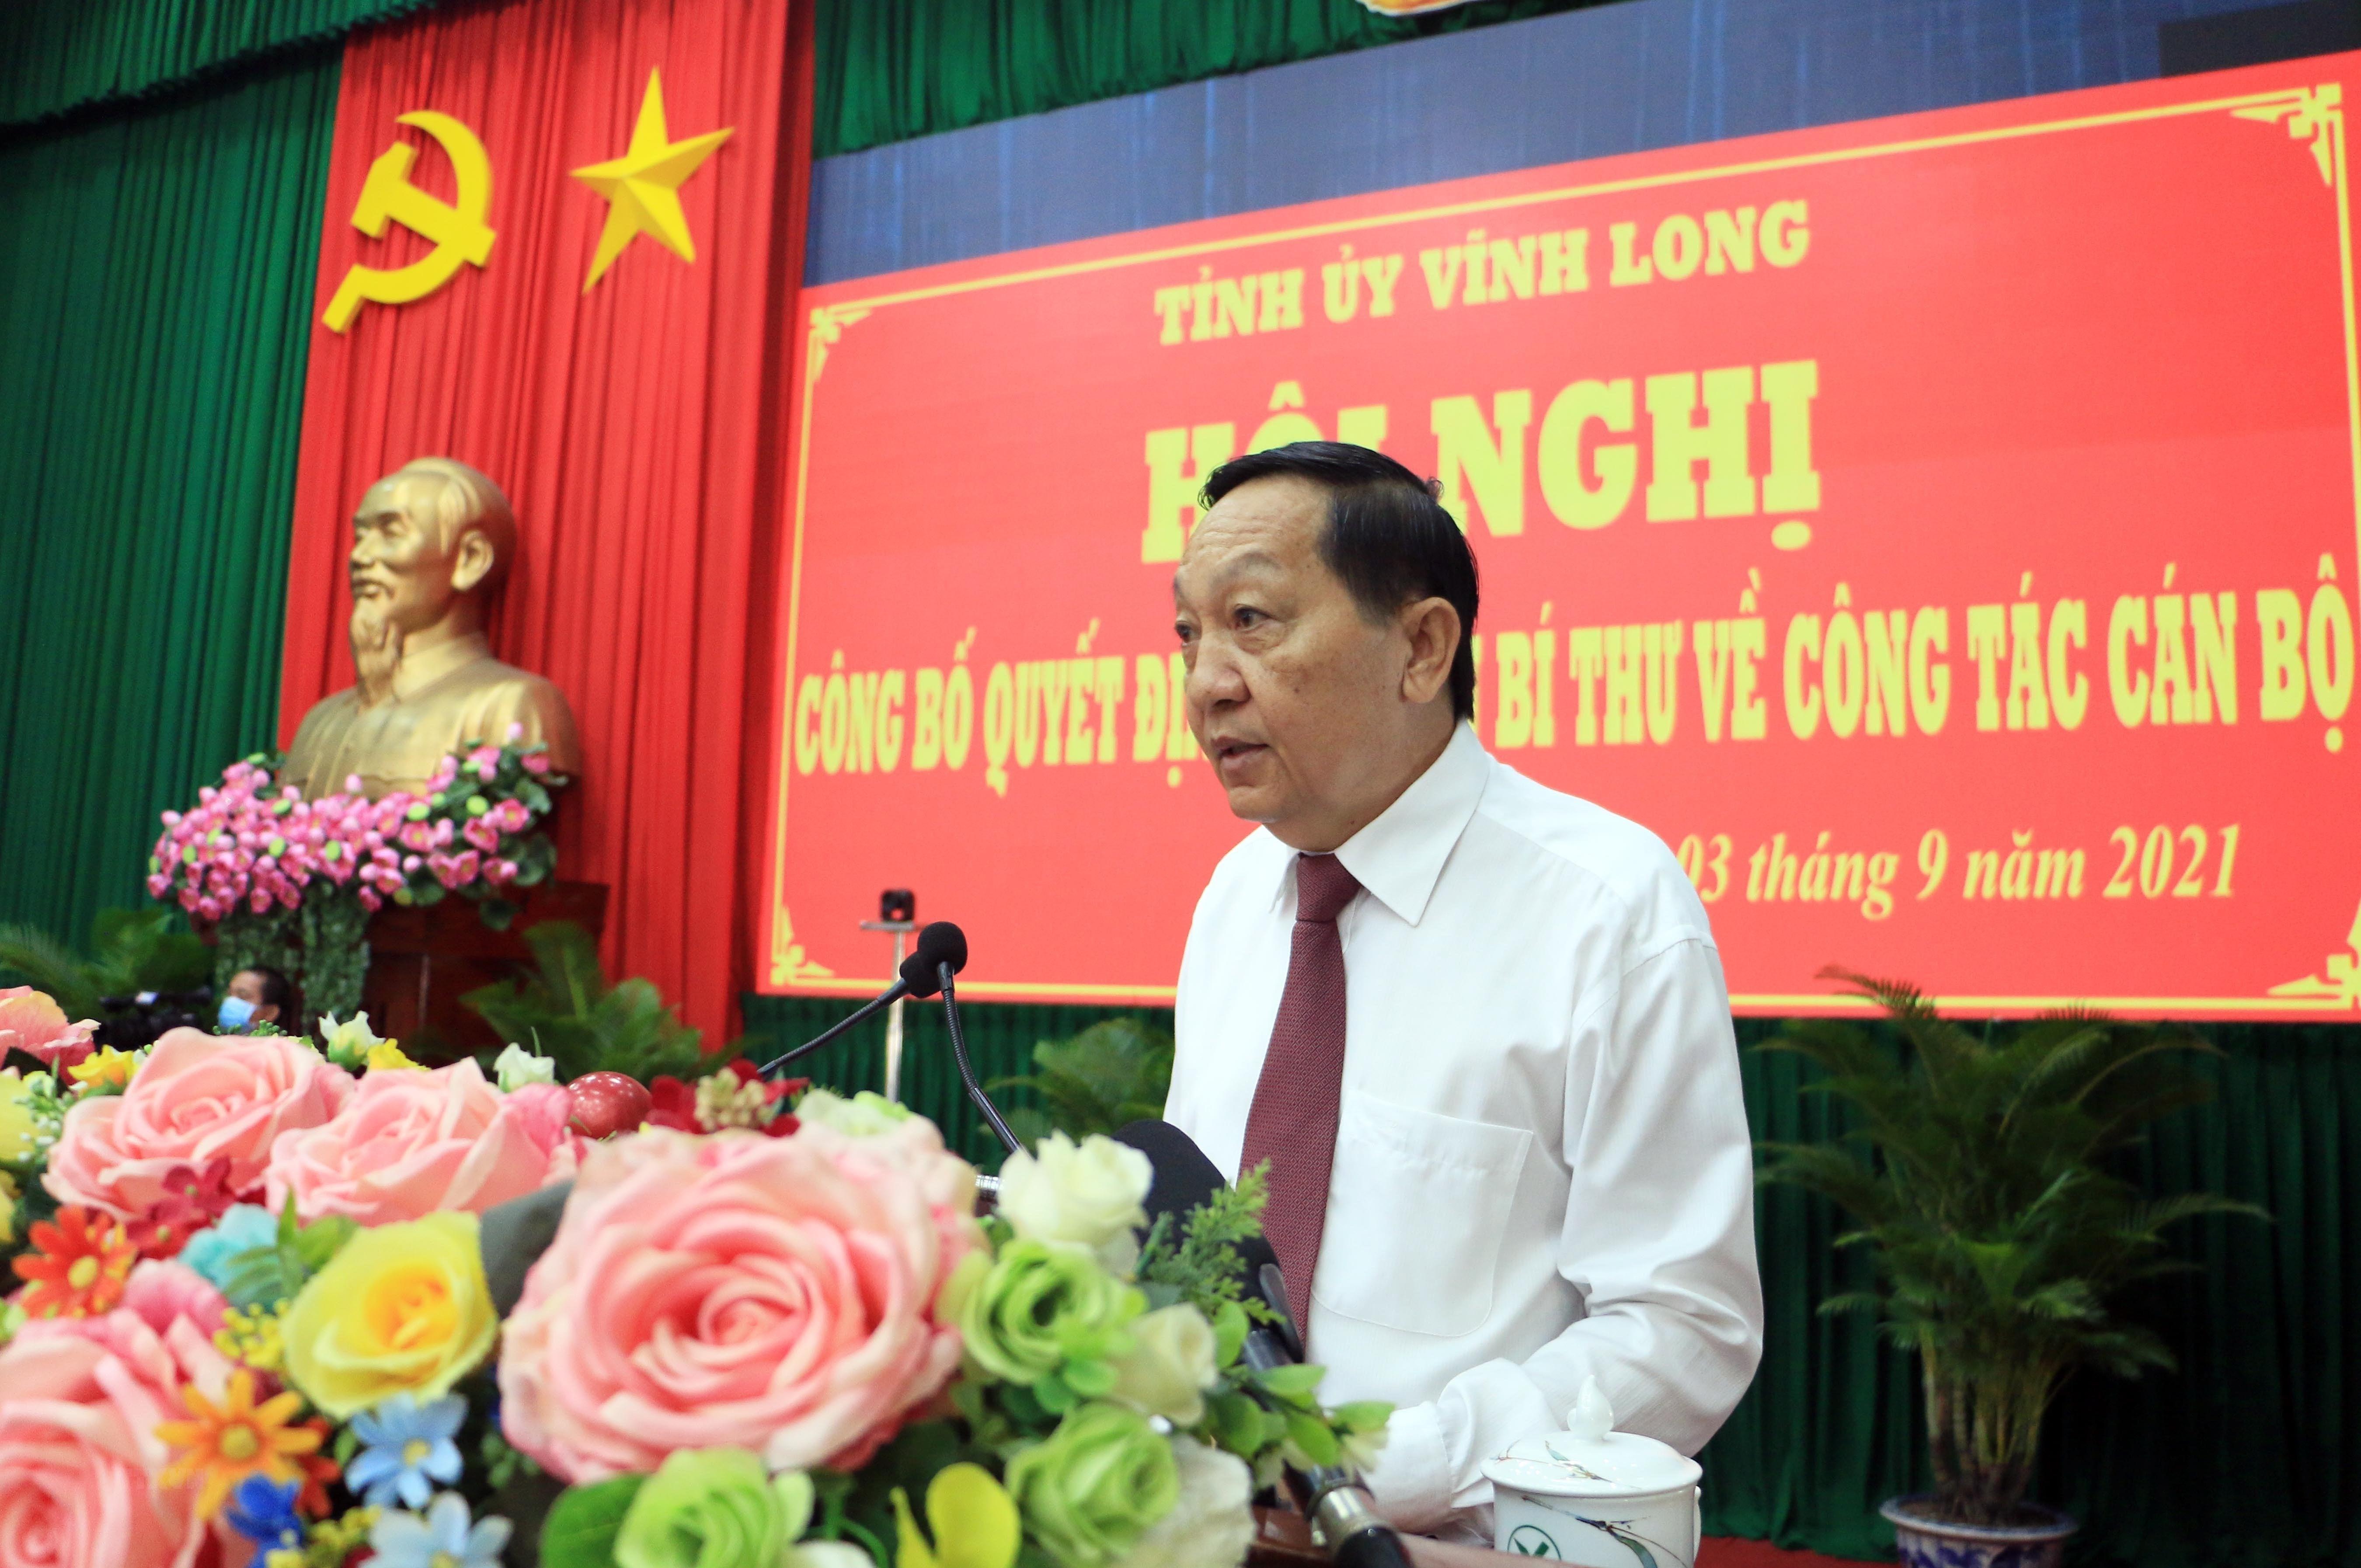 Ong Nguyen Thanh The giu chuc vu Pho Bi thu Tinh uy Vinh Long hinh anh 2